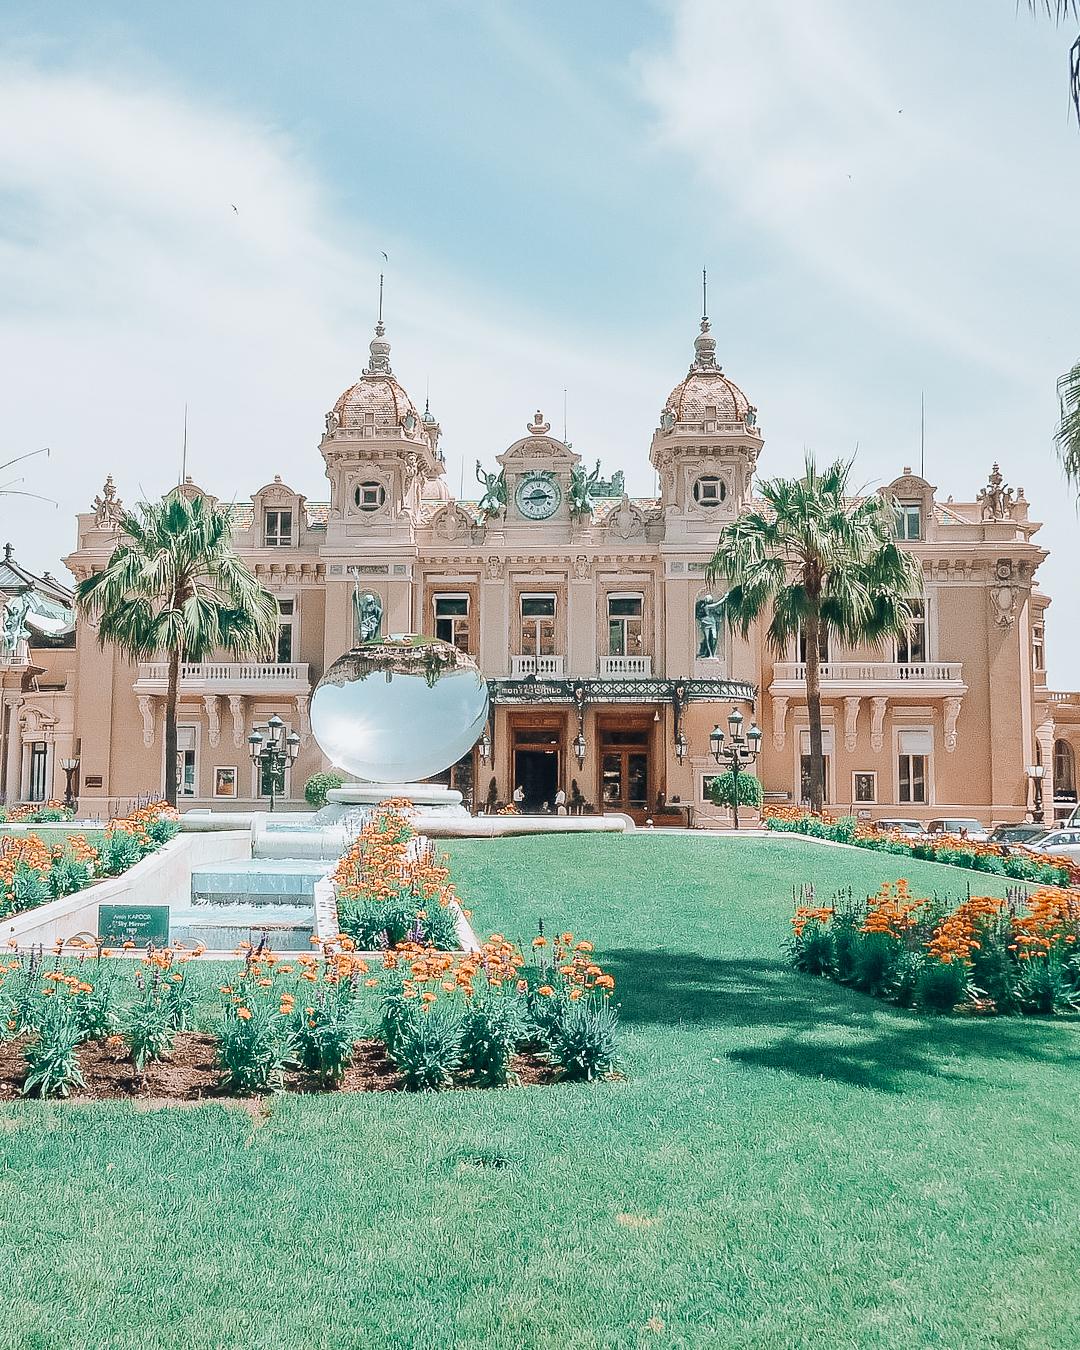 Monte Carlo Casino and grass